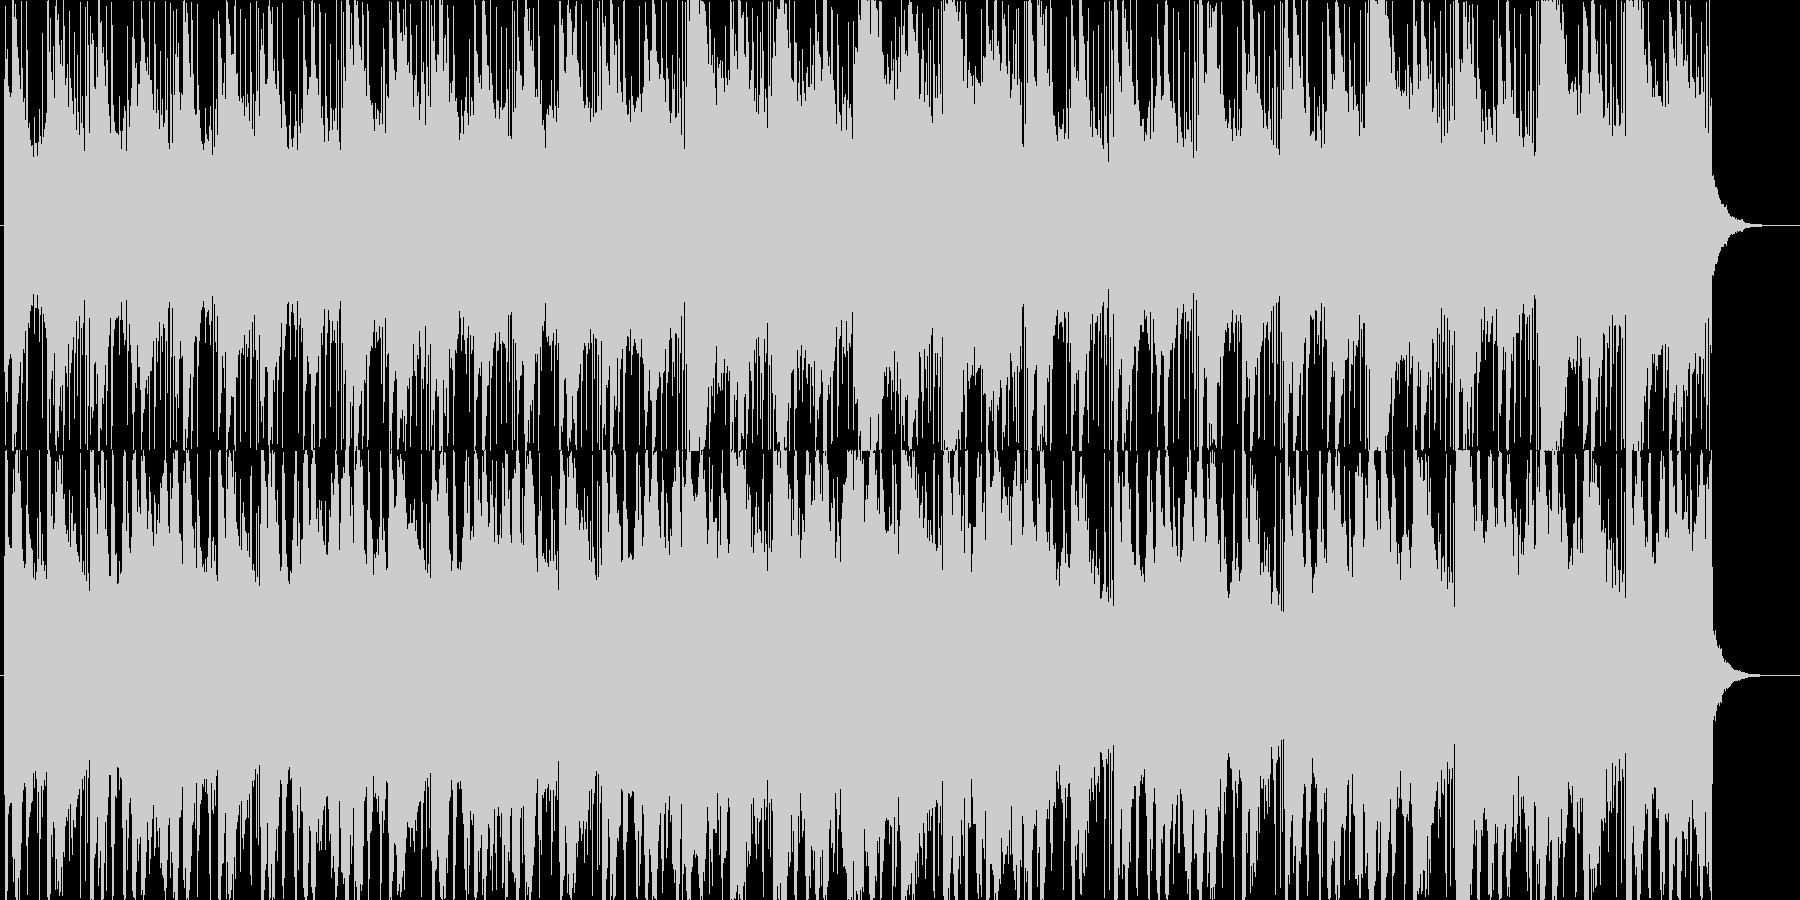 笙・琵琶等の和楽器を使った怪しげな曲の未再生の波形